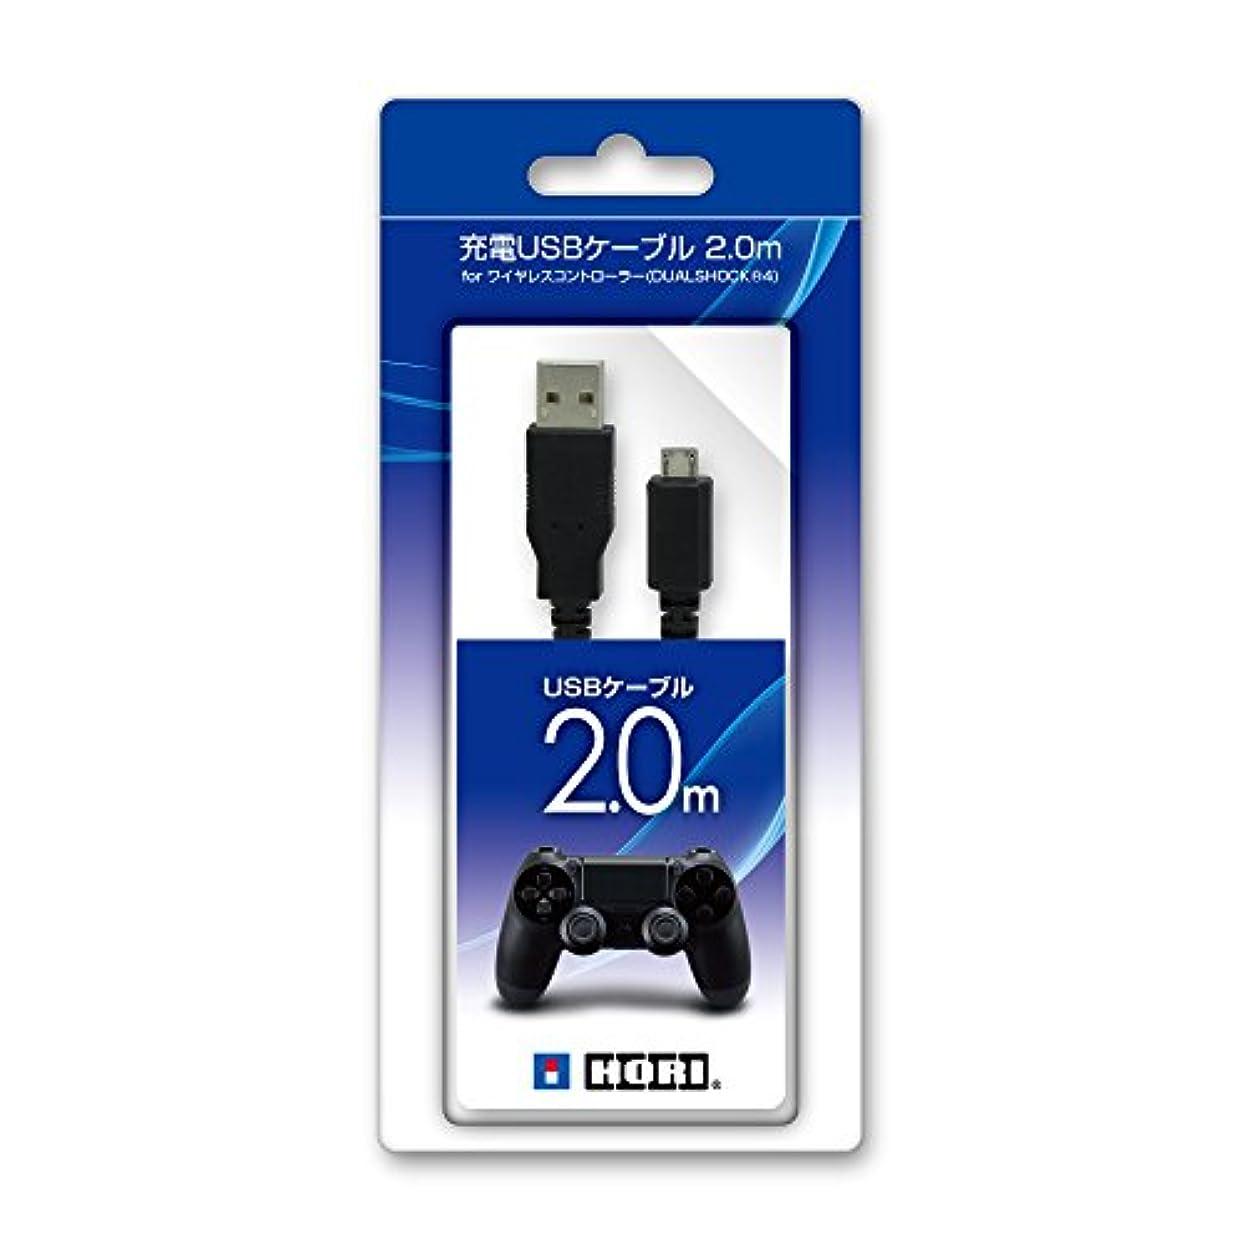 凝縮する仮定する農業【PS4対応】充電USBケーブル 2.0m for ワイヤレスコントローラー DUALSHOCK4